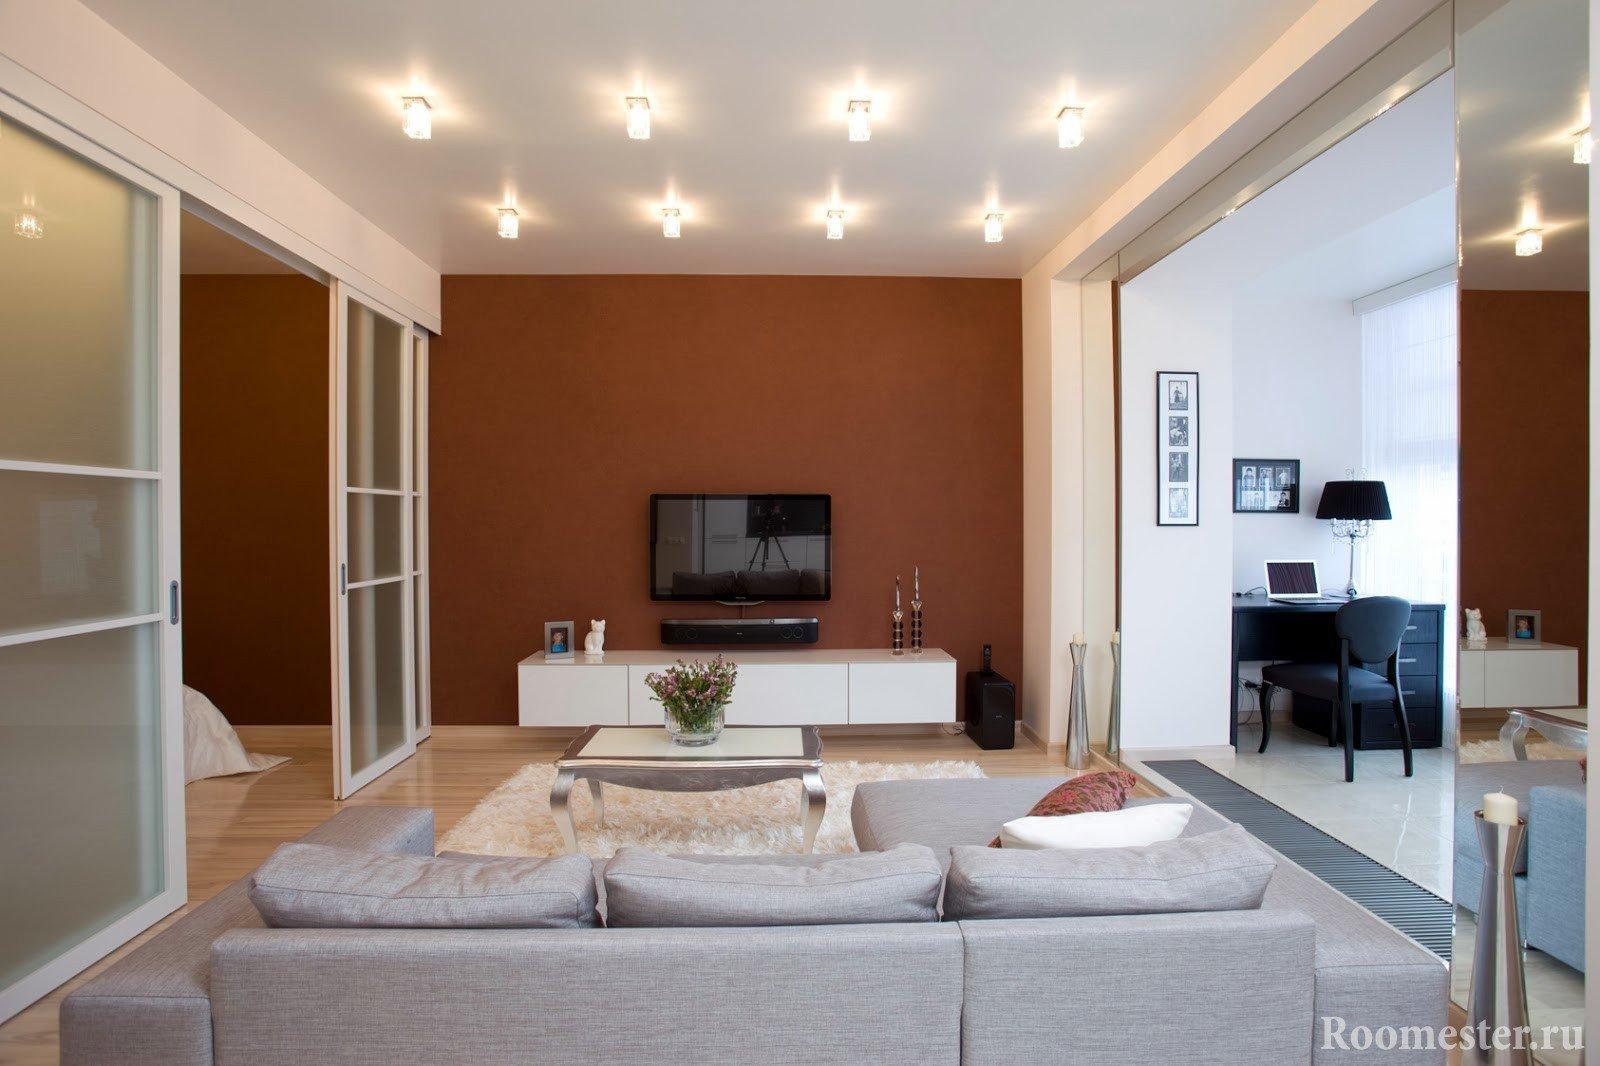 Однокомнатная квартира с перегородками